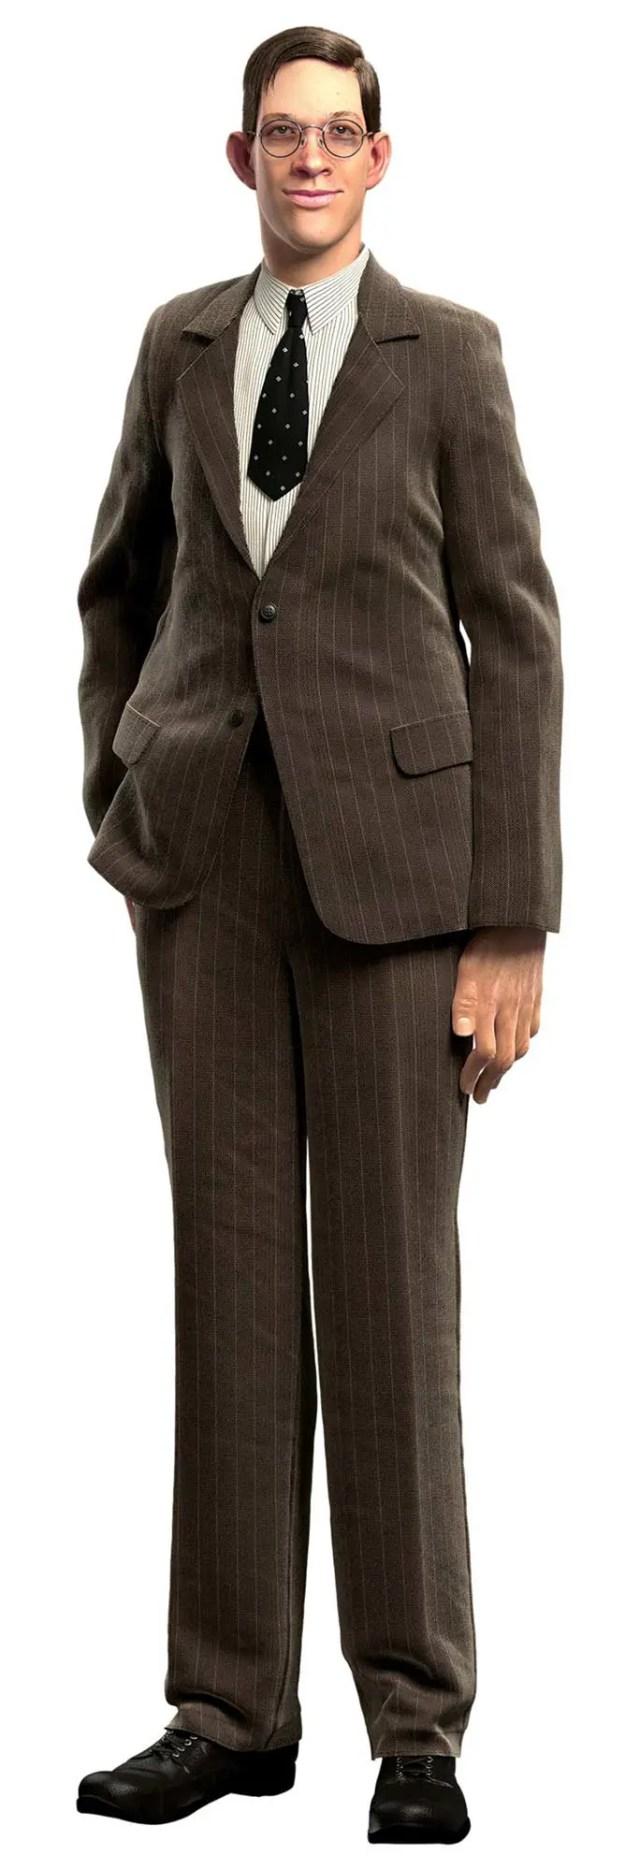 Tallest man ever Robert Wadlow